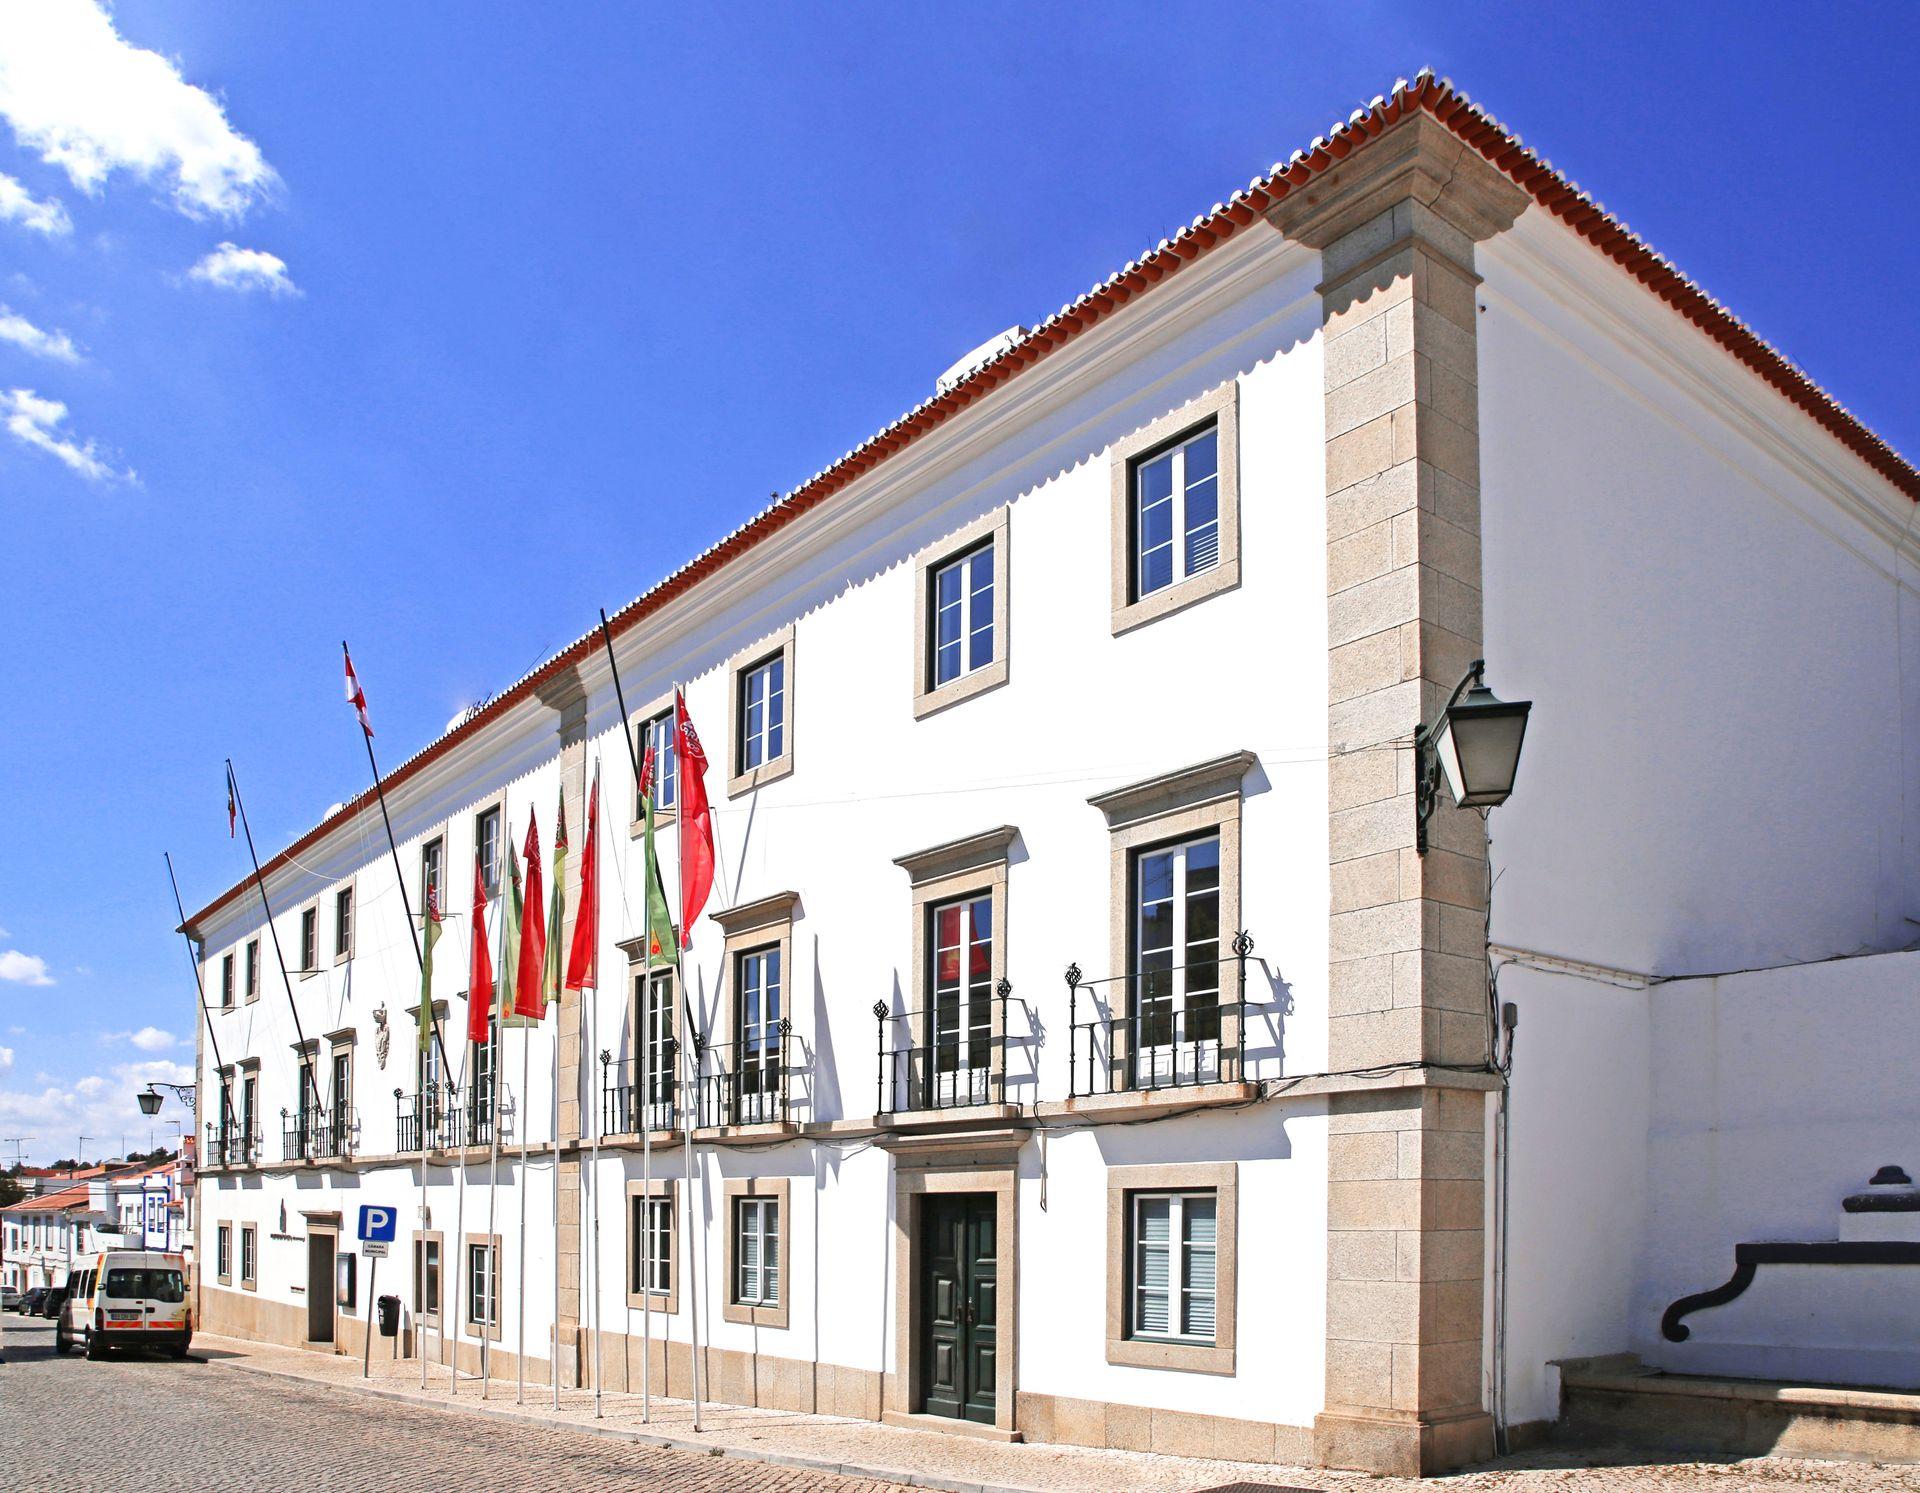 Câmara Municipal de Montemor-o-Novo (CMMN, 2019)